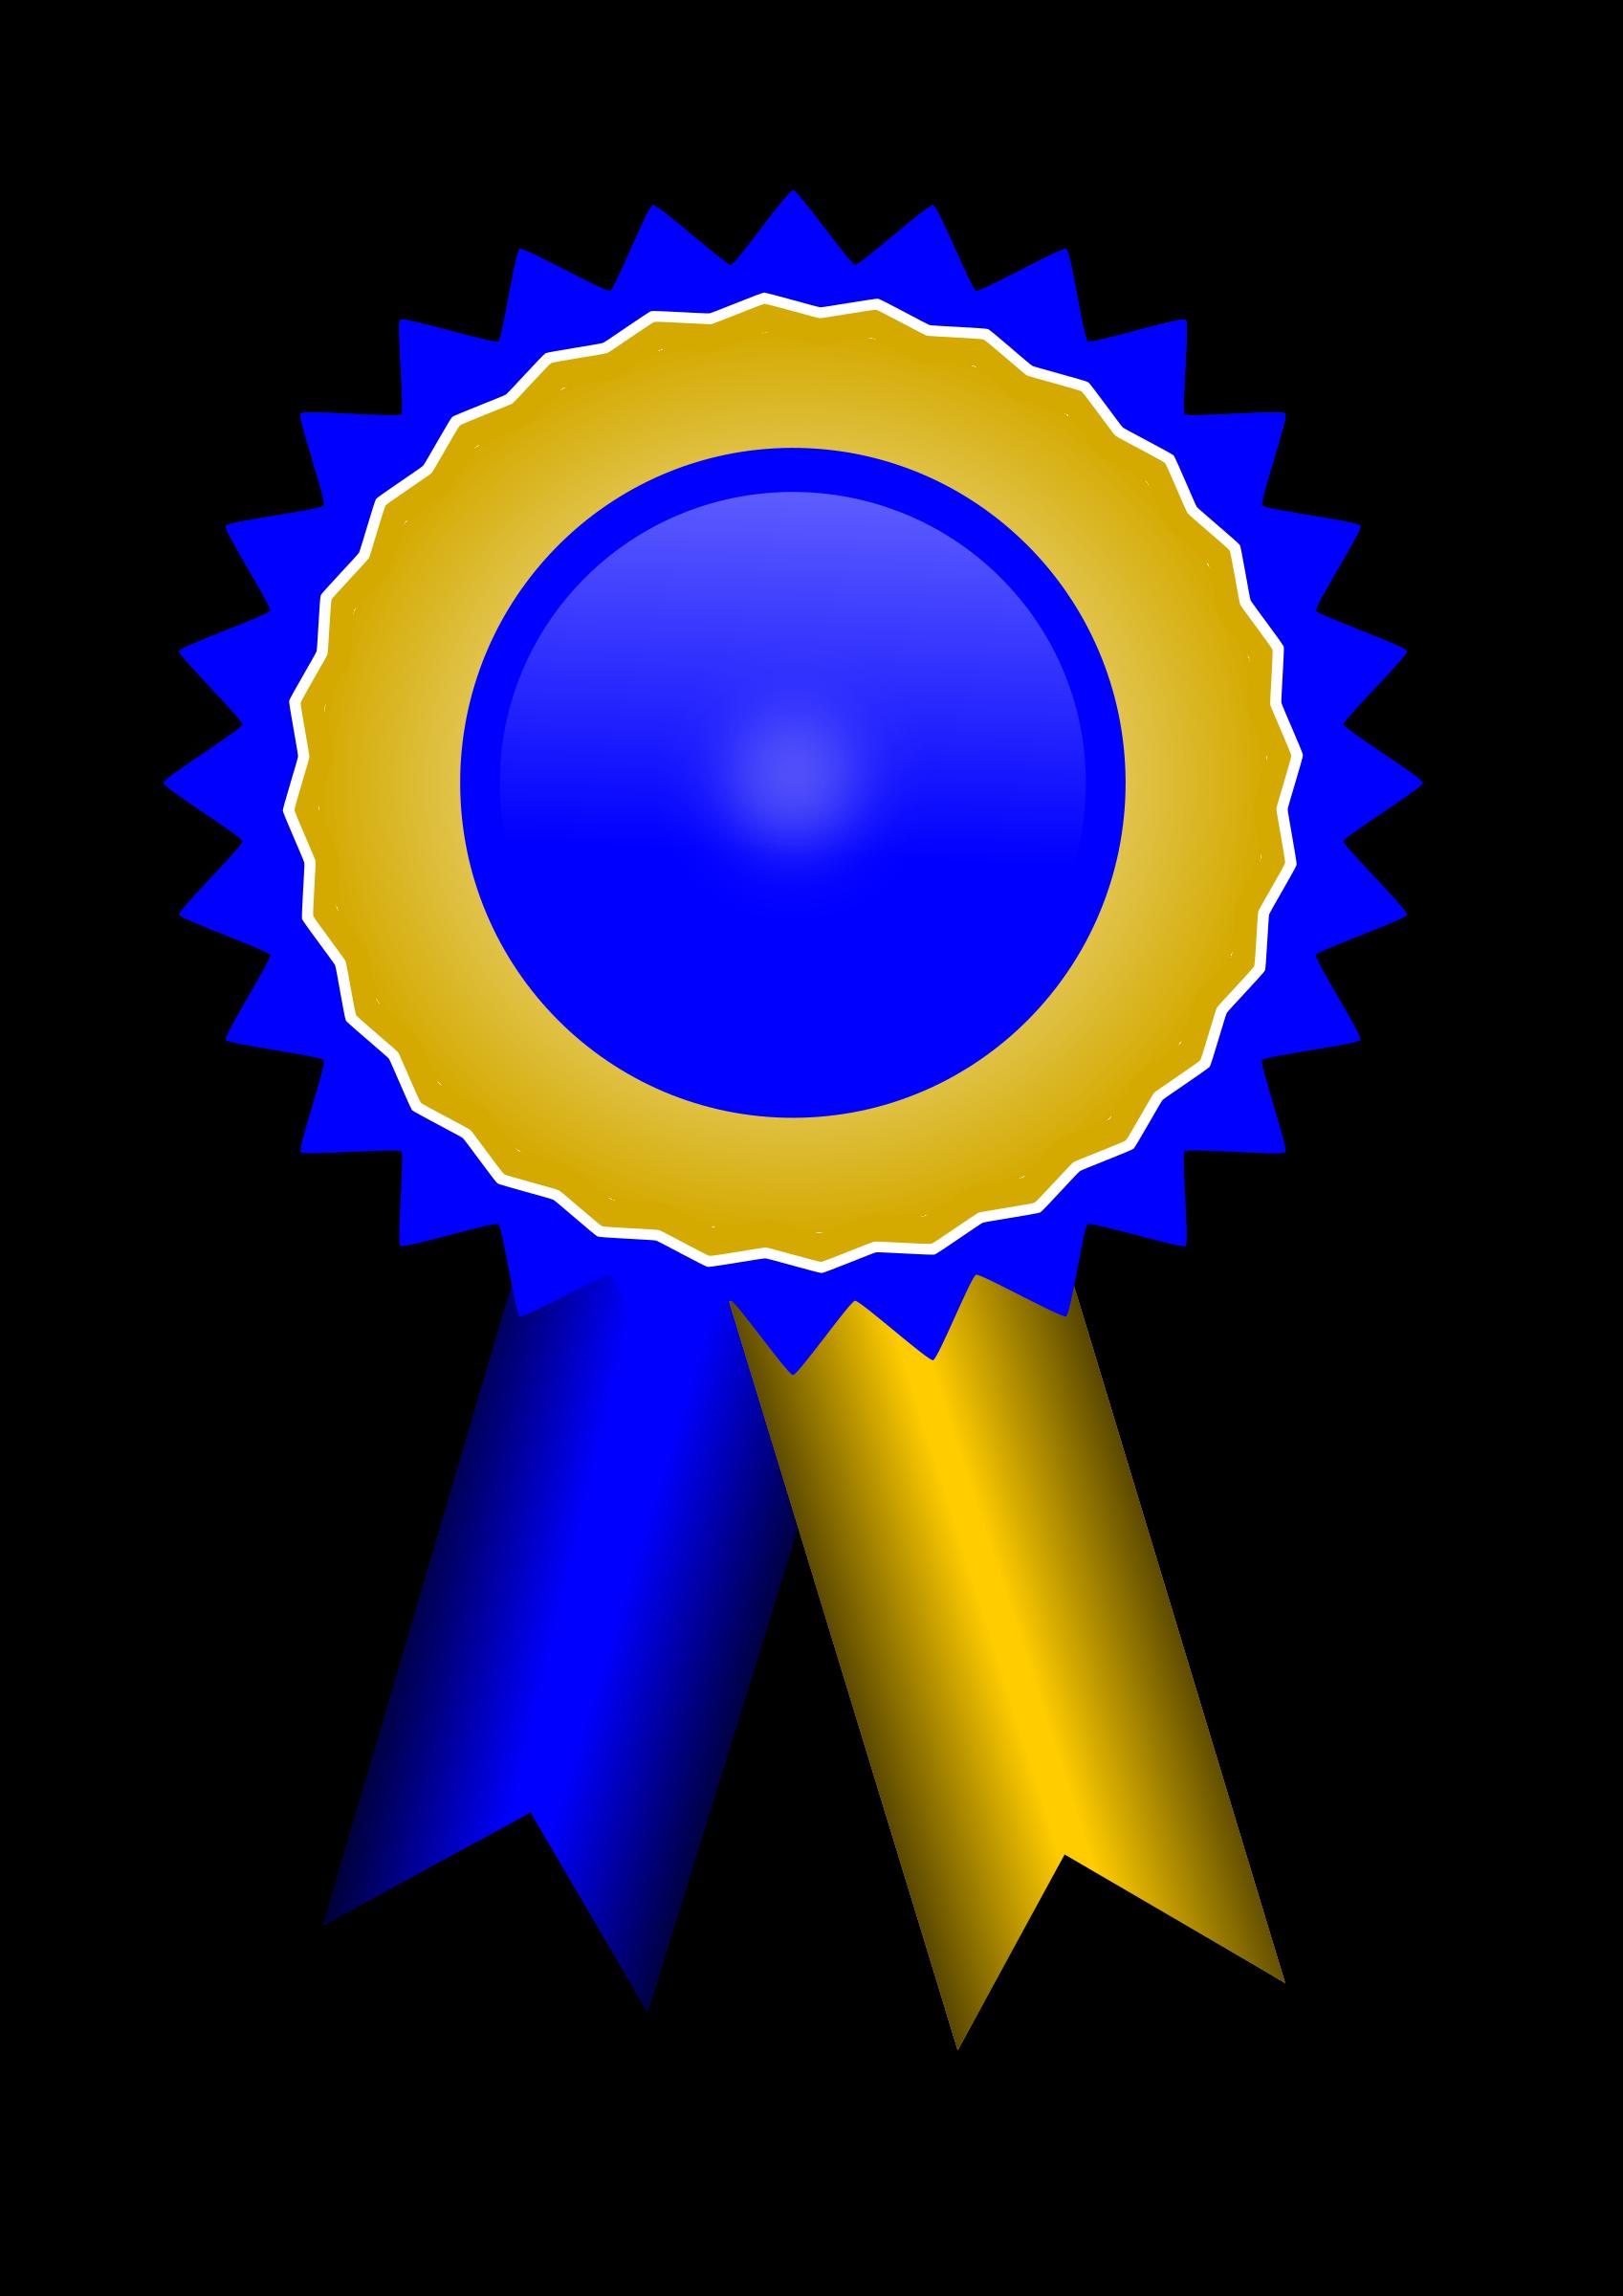 Award big image png. Circle clipart ribbon